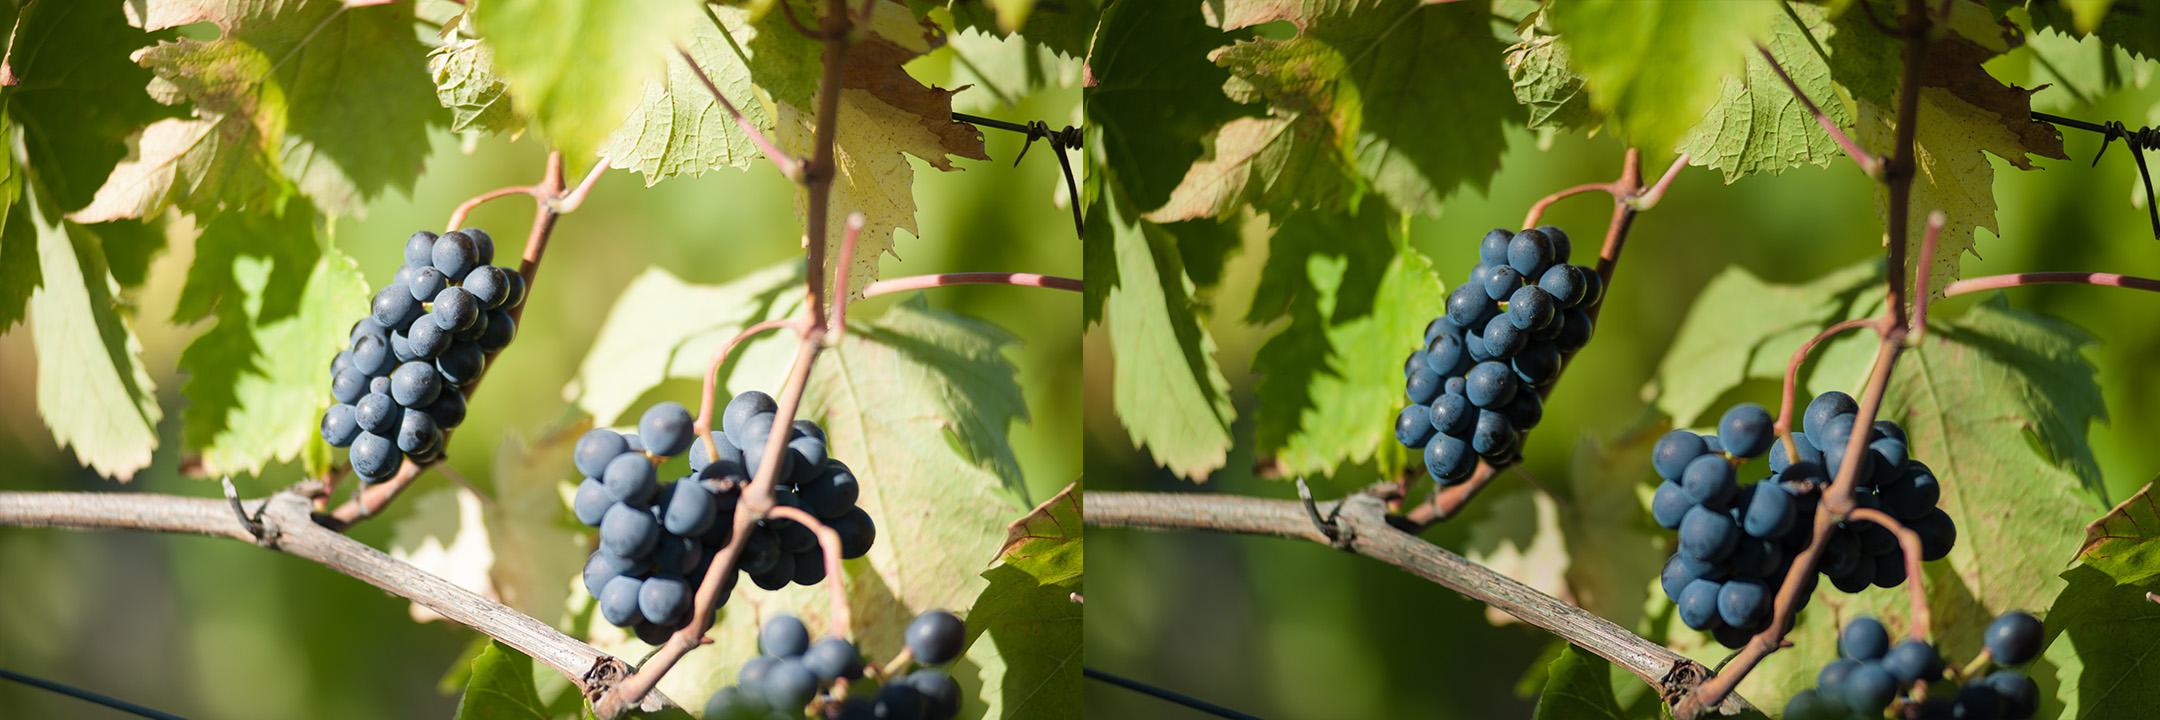 Confronto immagine raw e corretta by DiMMD dettaglio uva rossa